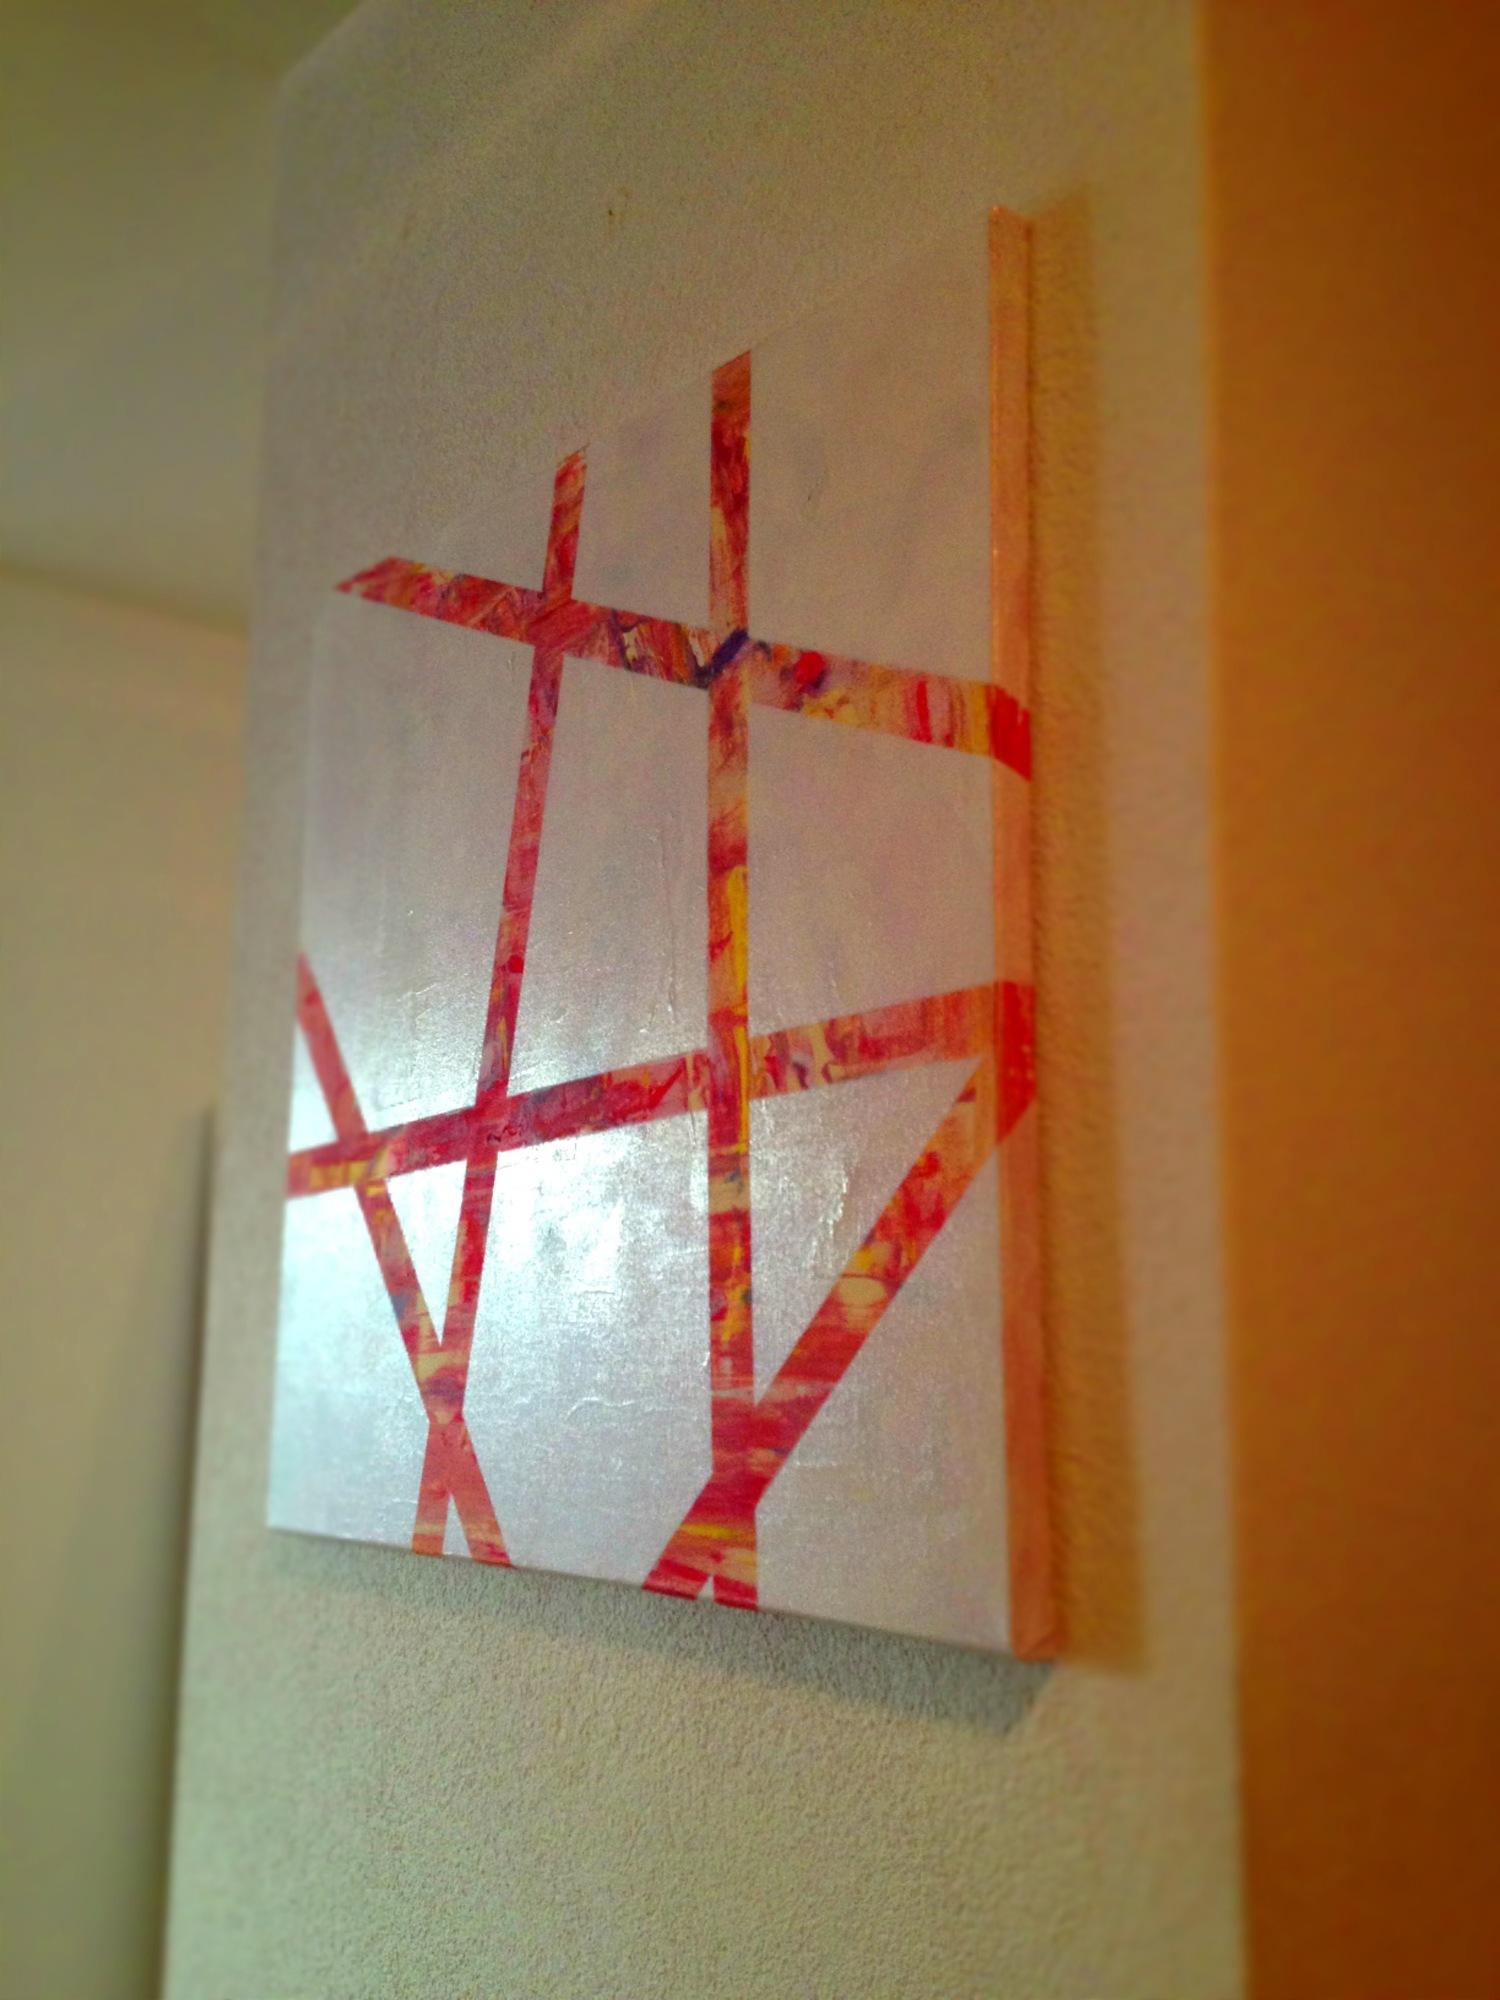 1537039498-wohnzimmer-original-acrylbild-orange-lines-je-60-x-60cm_0.jpg